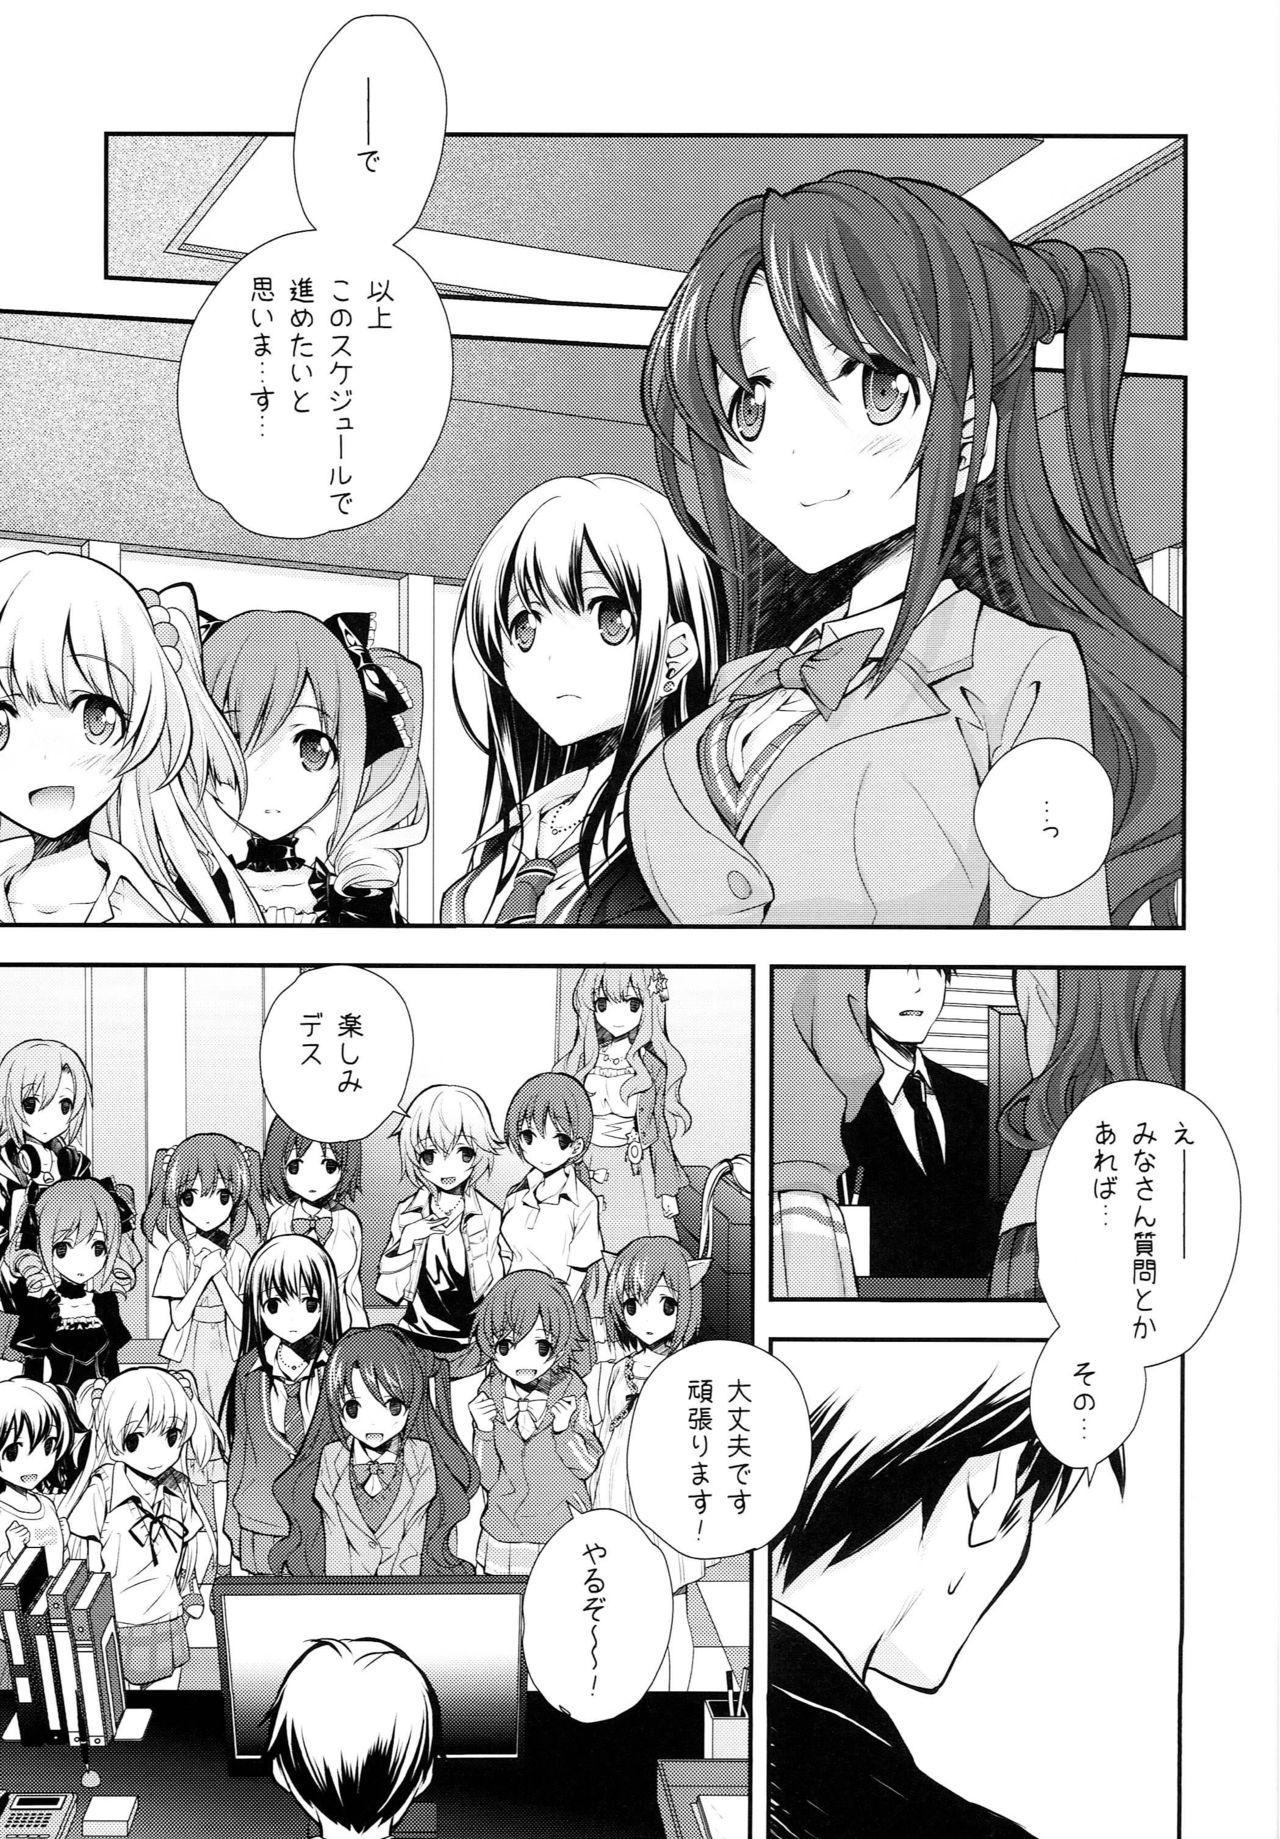 P ni 14-nin no Cinderella ga Makura o Kyouyou Suru Usui Hon 3